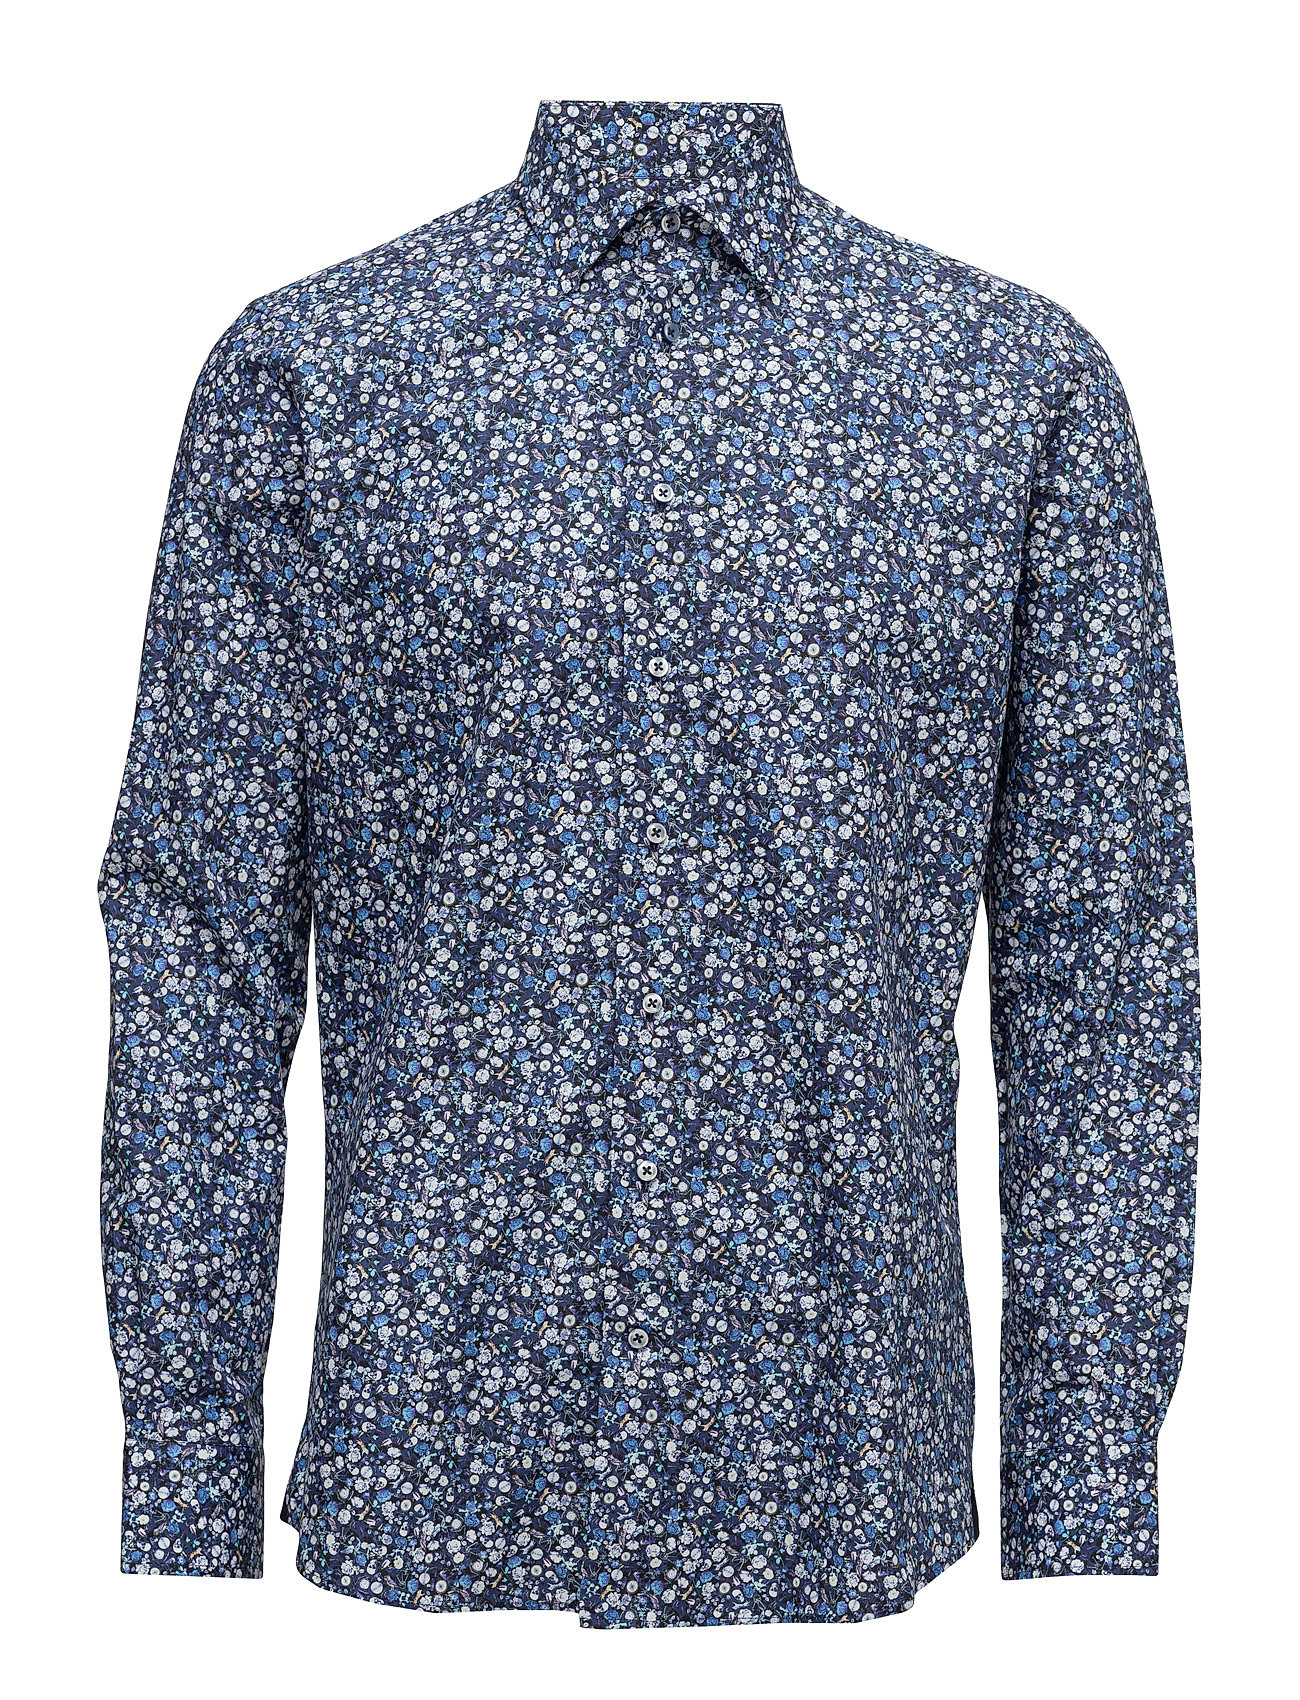 xo shirtmaker – 8828 - gordon sc på boozt.com dk